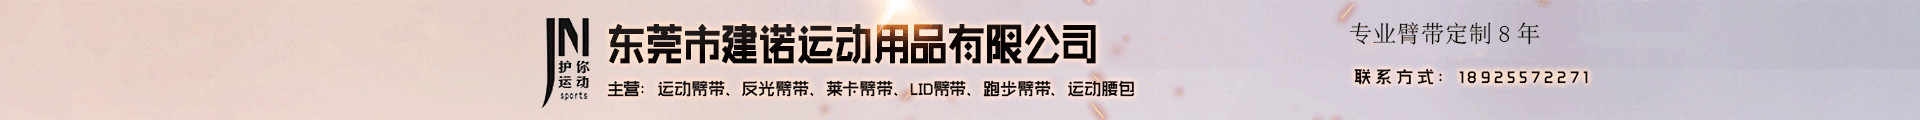 东莞市建诺运动用品有限公司